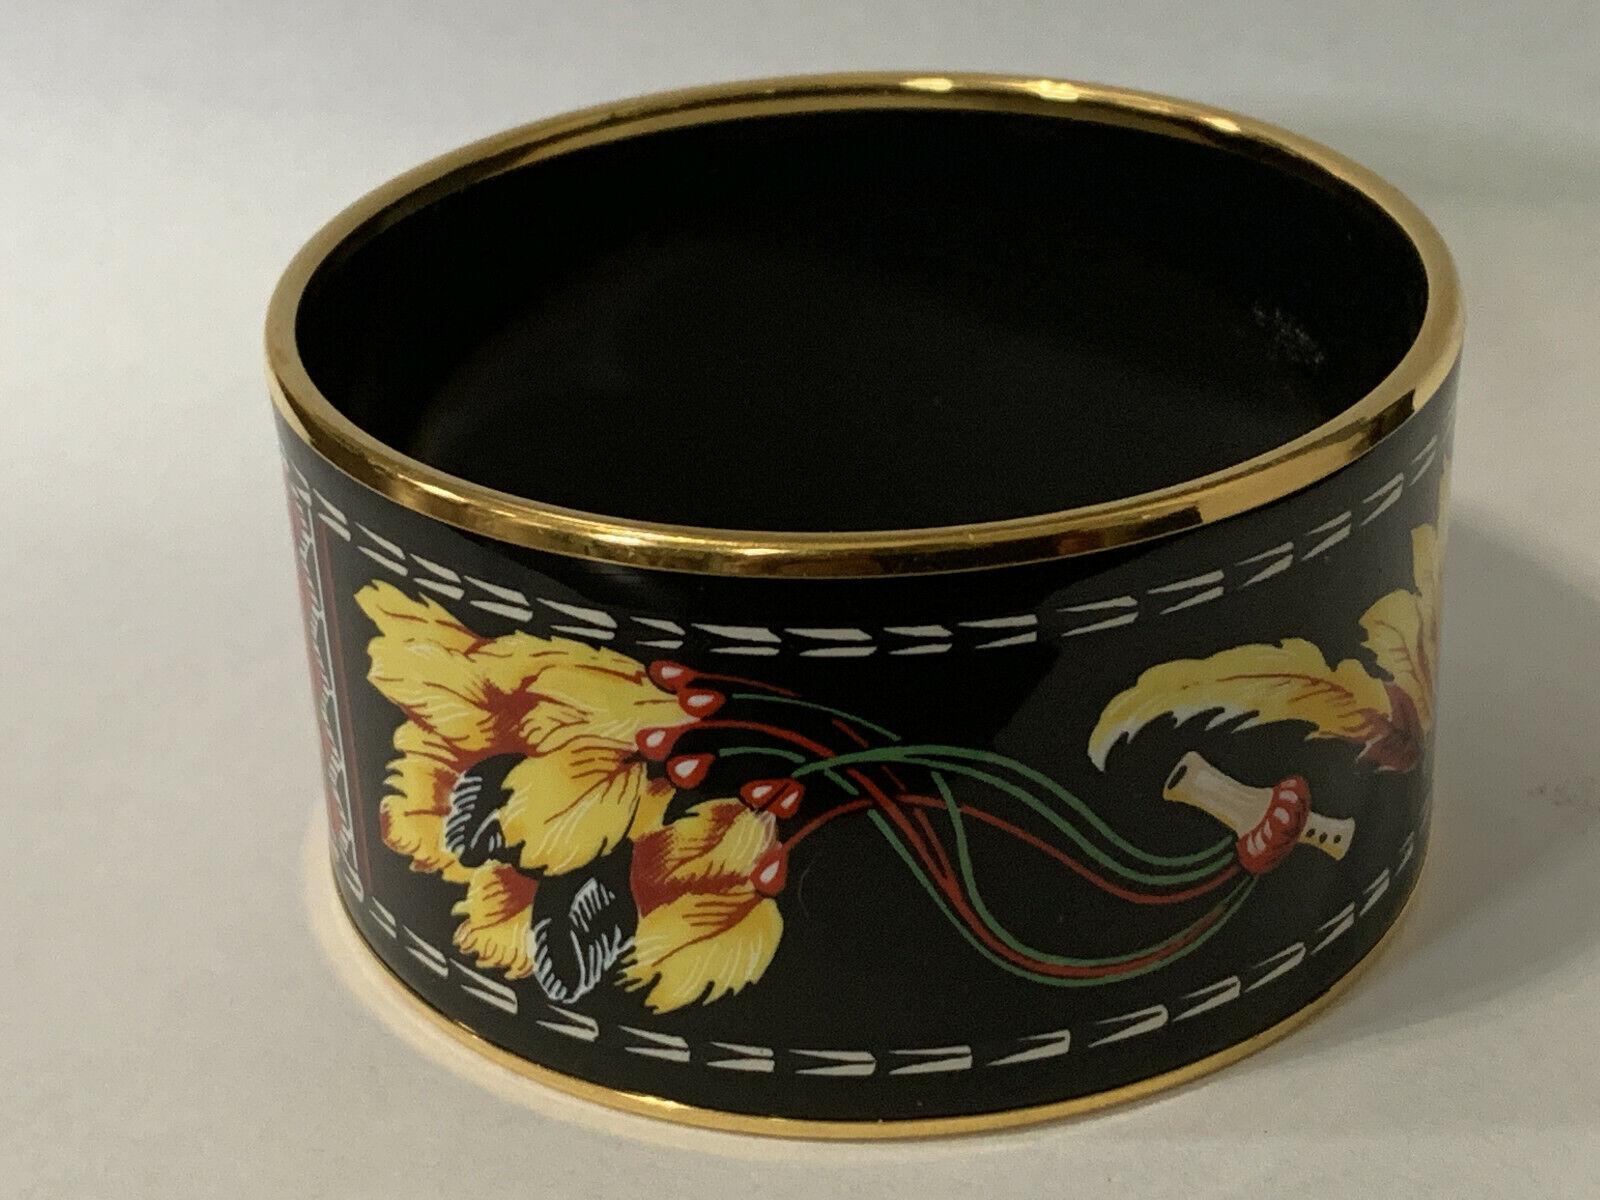 """Vintage Hermes """"Brazil"""" Wide Bangel Bracelet - image 4"""